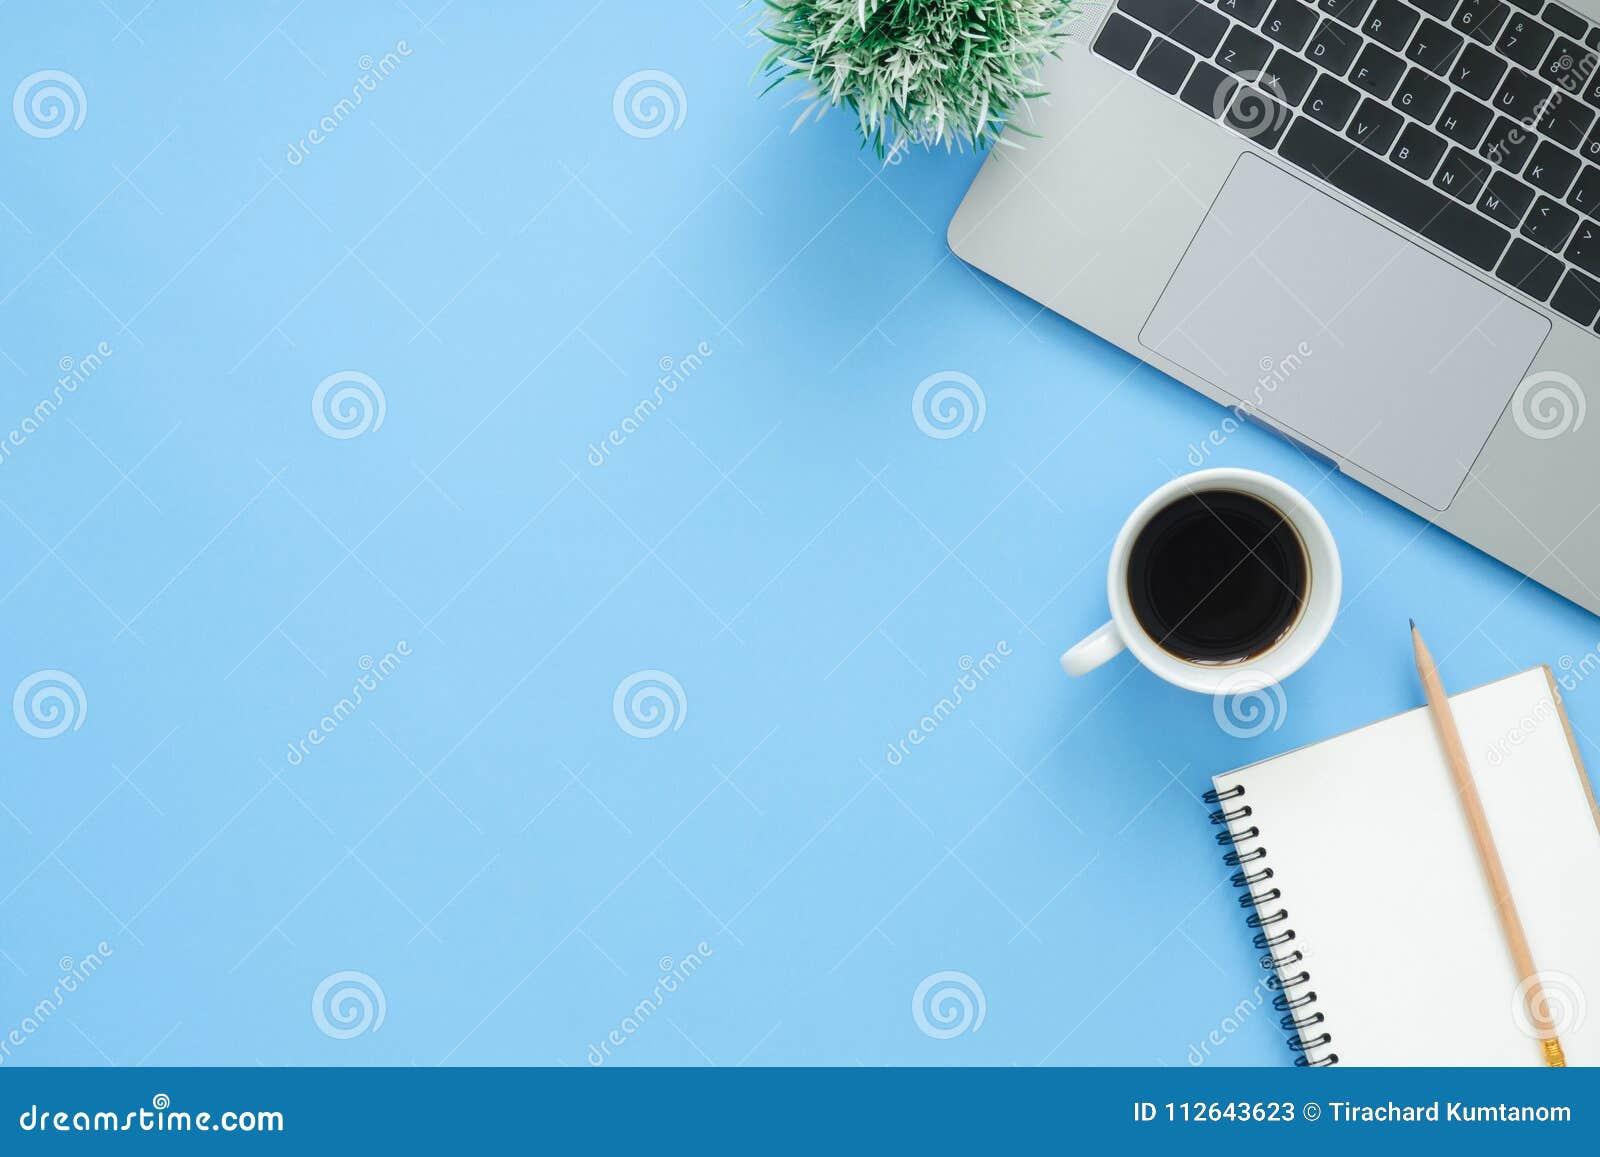 Draufsichtschreibtisch mit Laptop, Notizbüchern und Kaffeetasse auf blauem Farbhintergrund